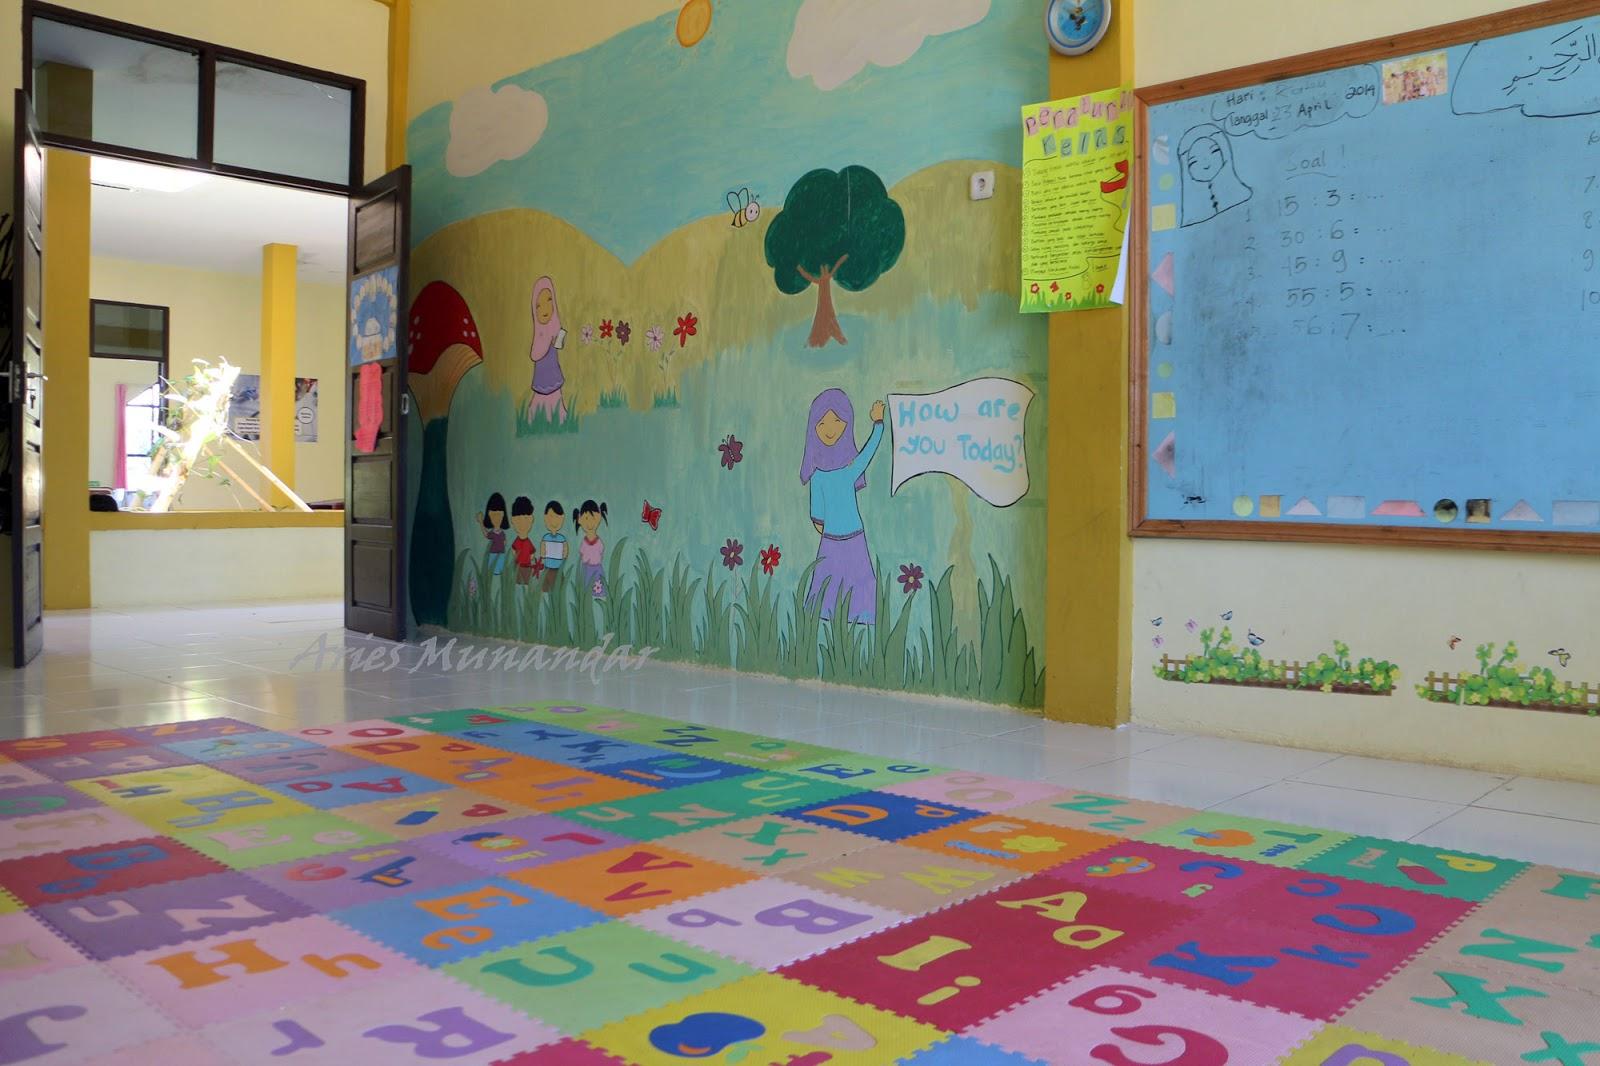 Ruang kelas lesehan menggunakan karpet berwarna-warni sebagai alas duduk siswa